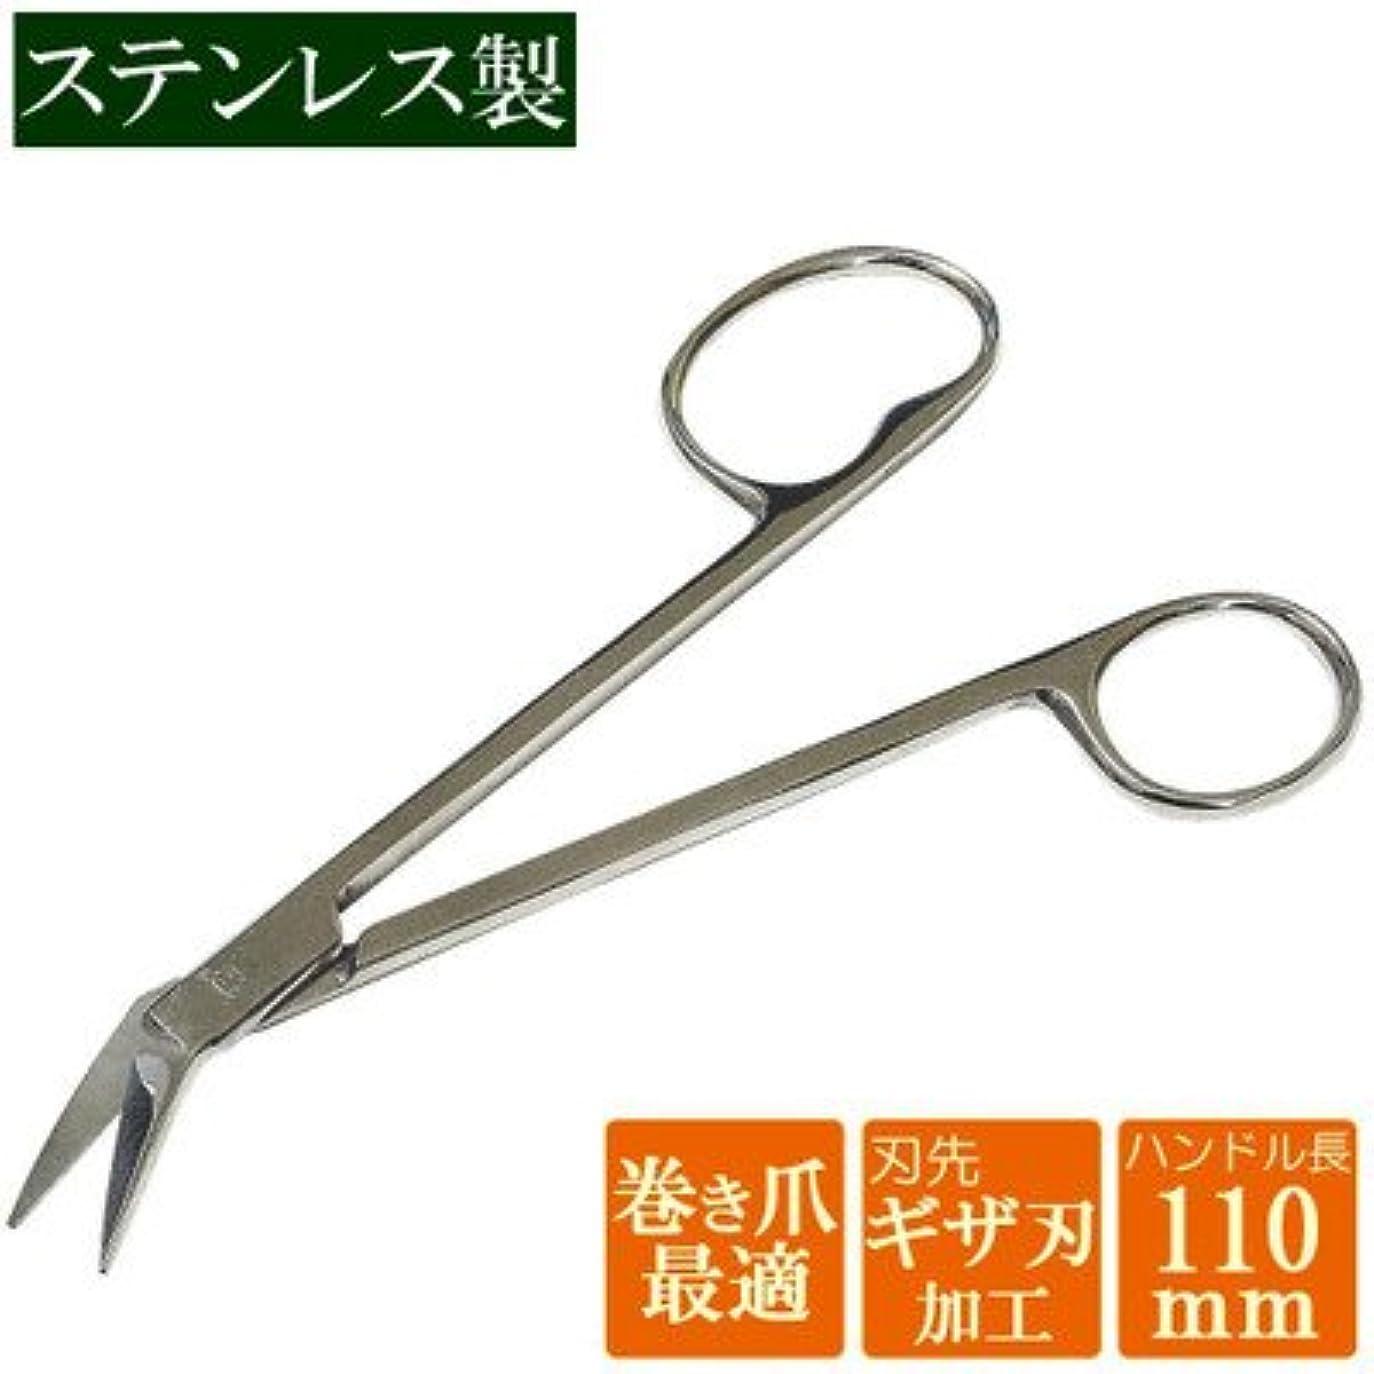 ハリケーン評価収まる88021 ロング足用爪切りハサミ 自由なラインで切れる足用爪切りハサミ